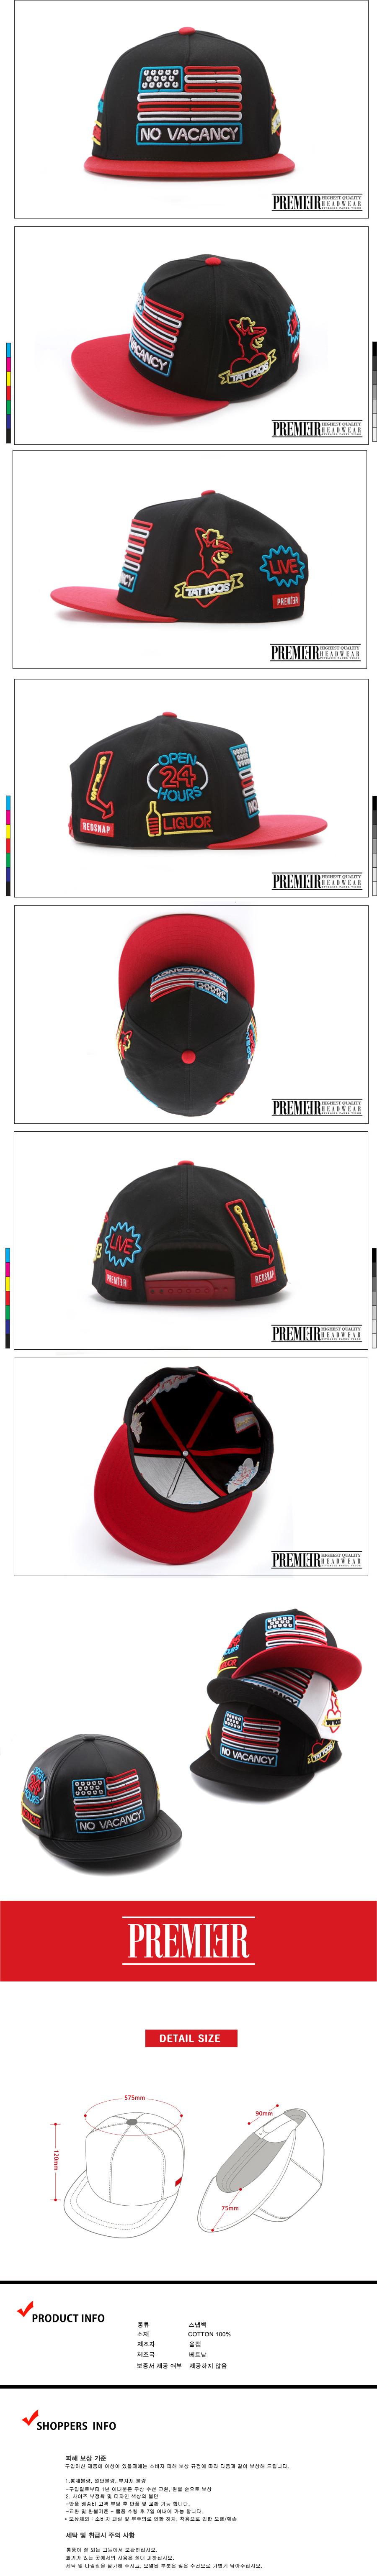 [ PREMIER ] [Premier] Red Snap Neon No Vacancy Black/Red